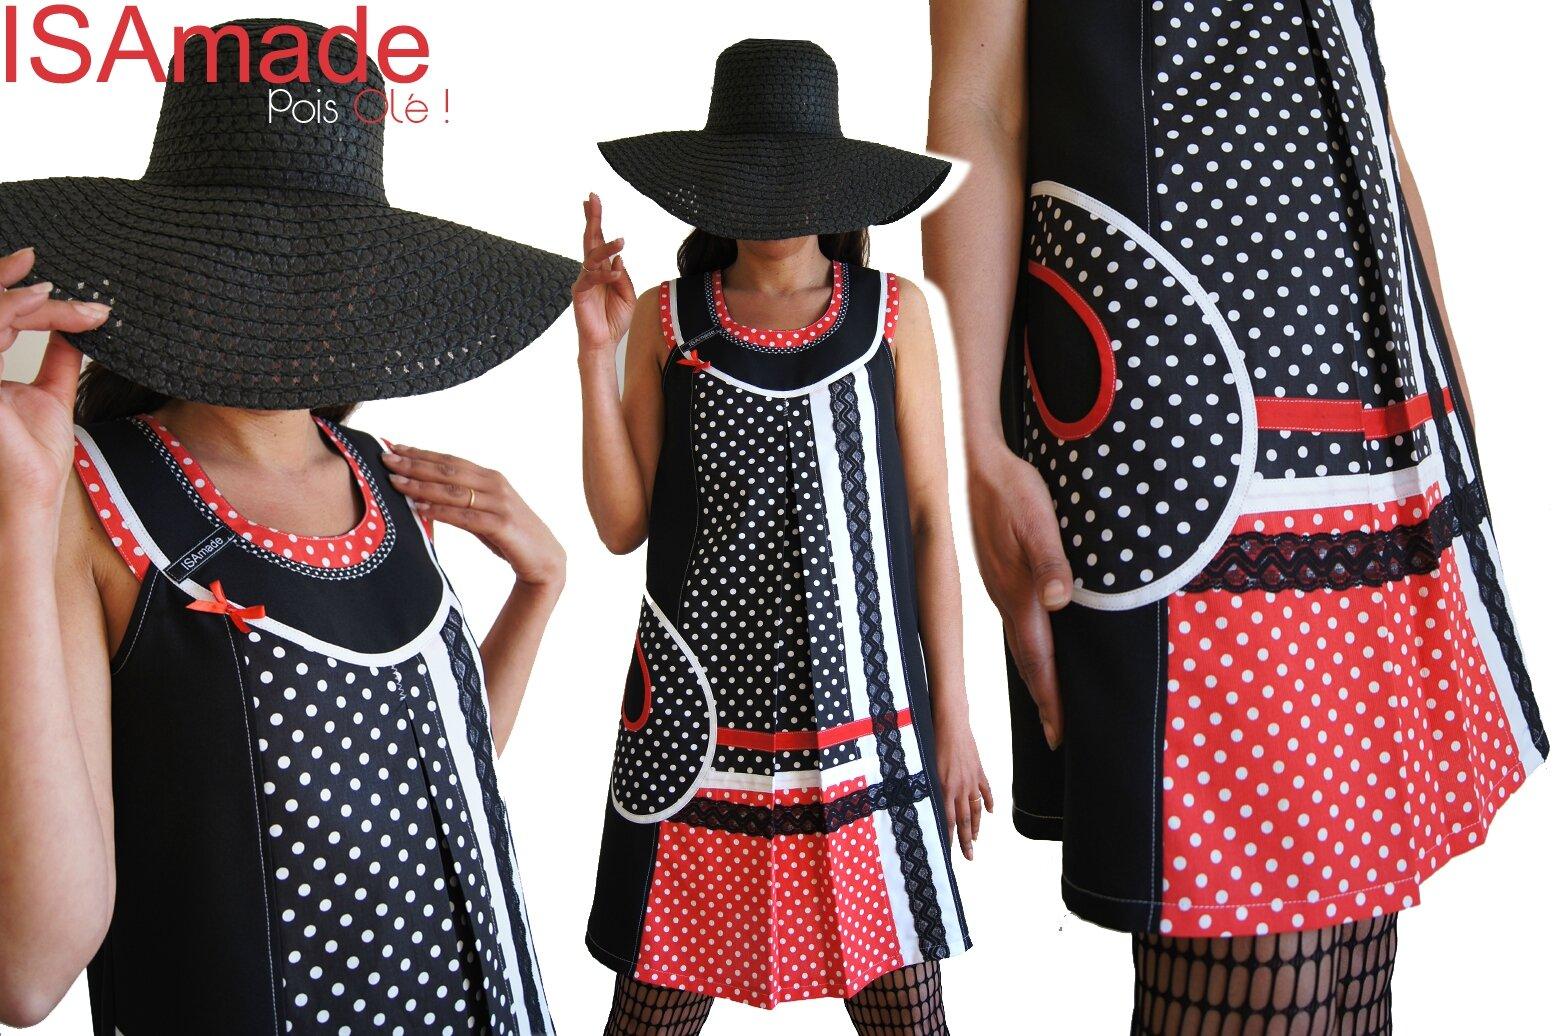 -Devant   patch graphique et Optique de découpes à pois Rouge  blanc et noir  où se mêlent des lignes allongeant la silhouette de Rubans et dentelle de  style ... 812763c244f6